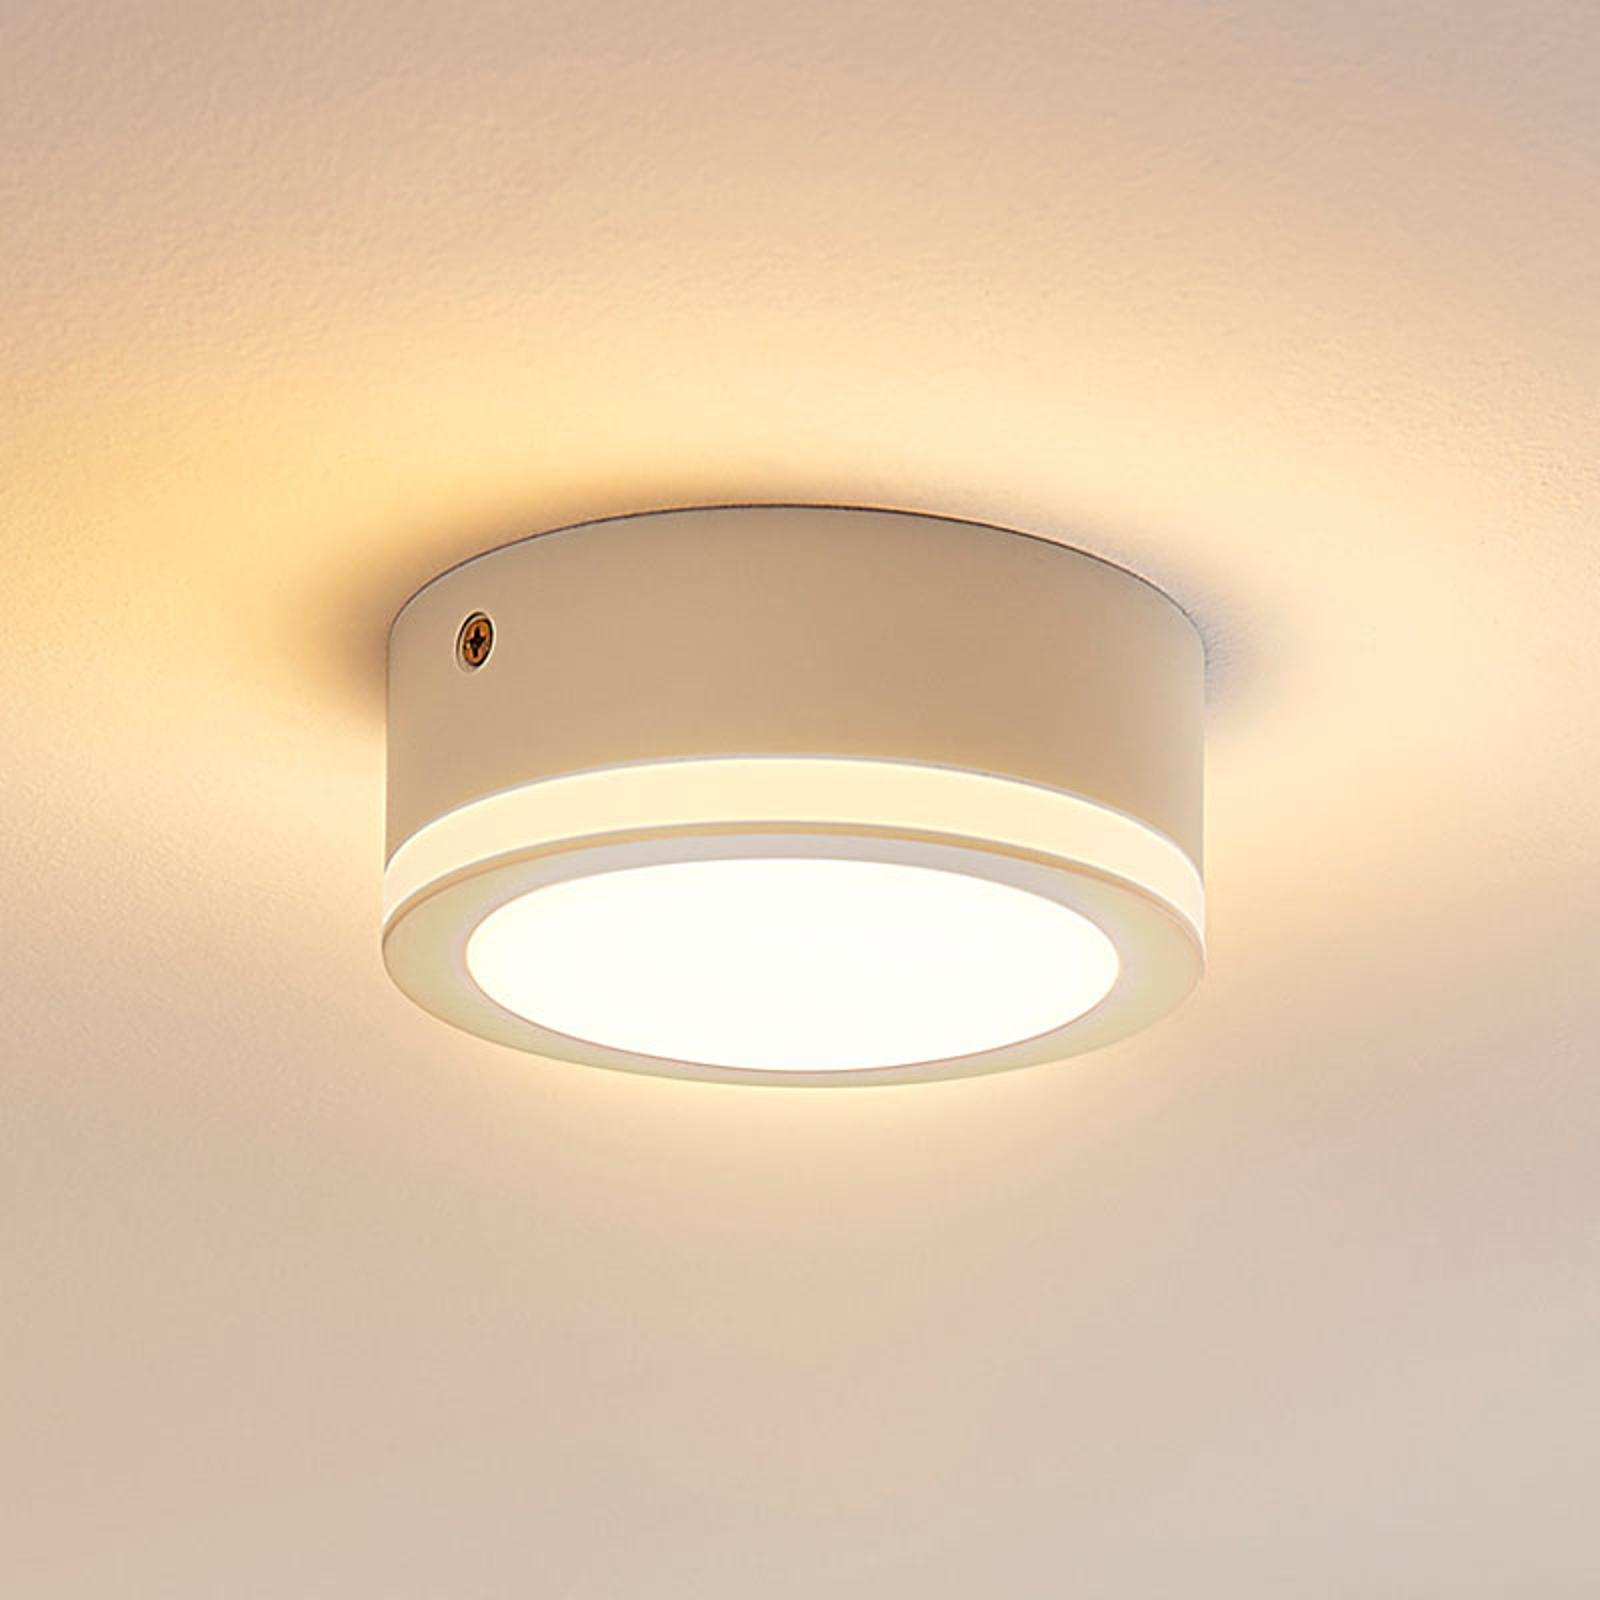 LED stropní svítidlo Quirina v kulatém tvaru